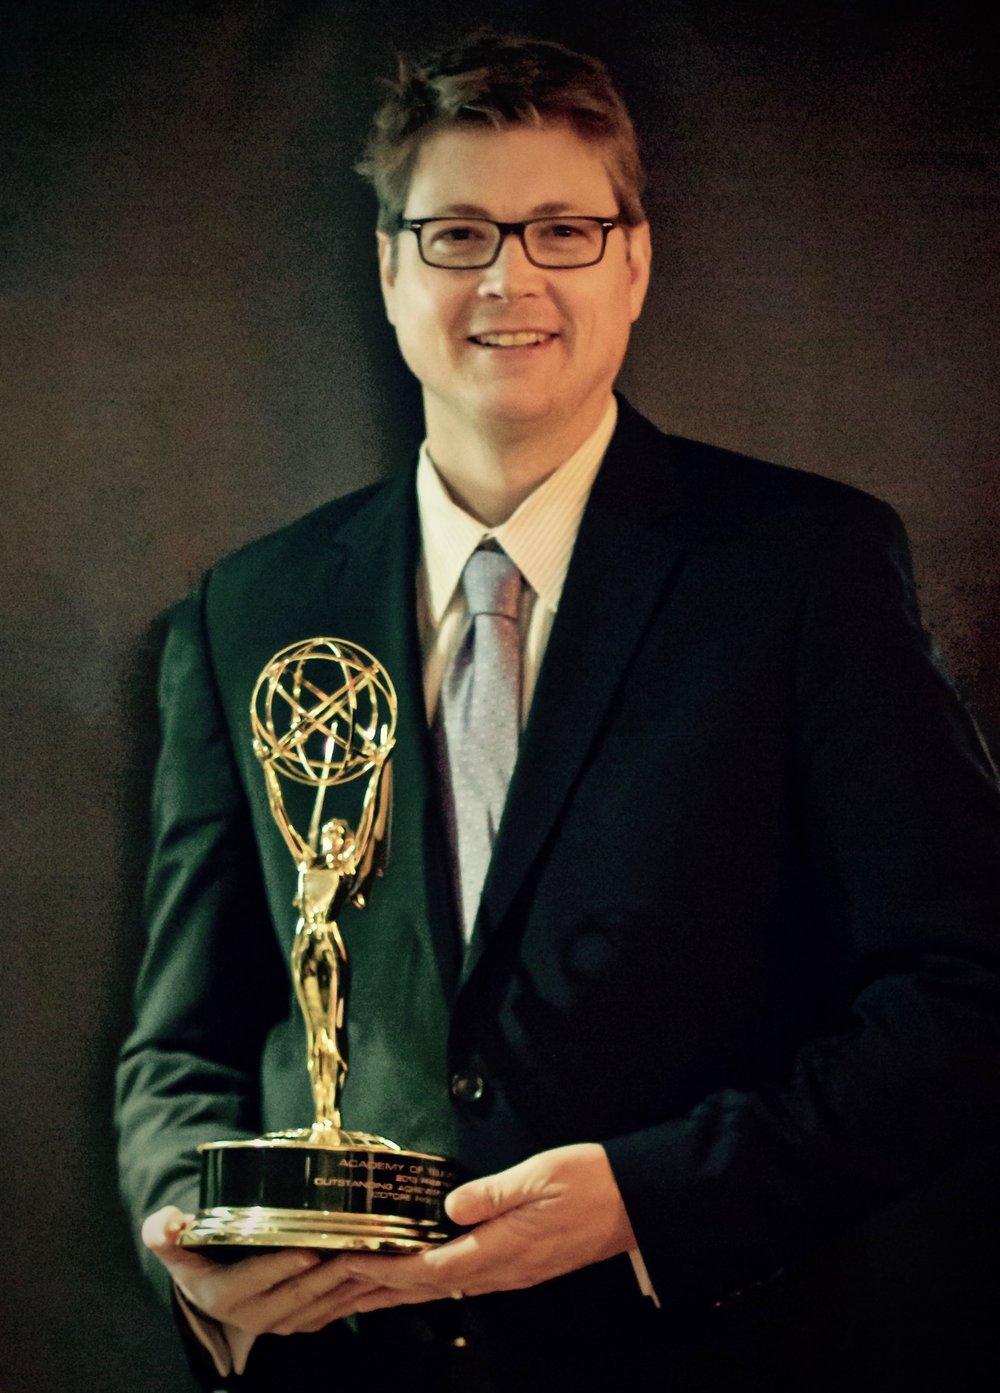 iZotope's Emmy Award in 2013